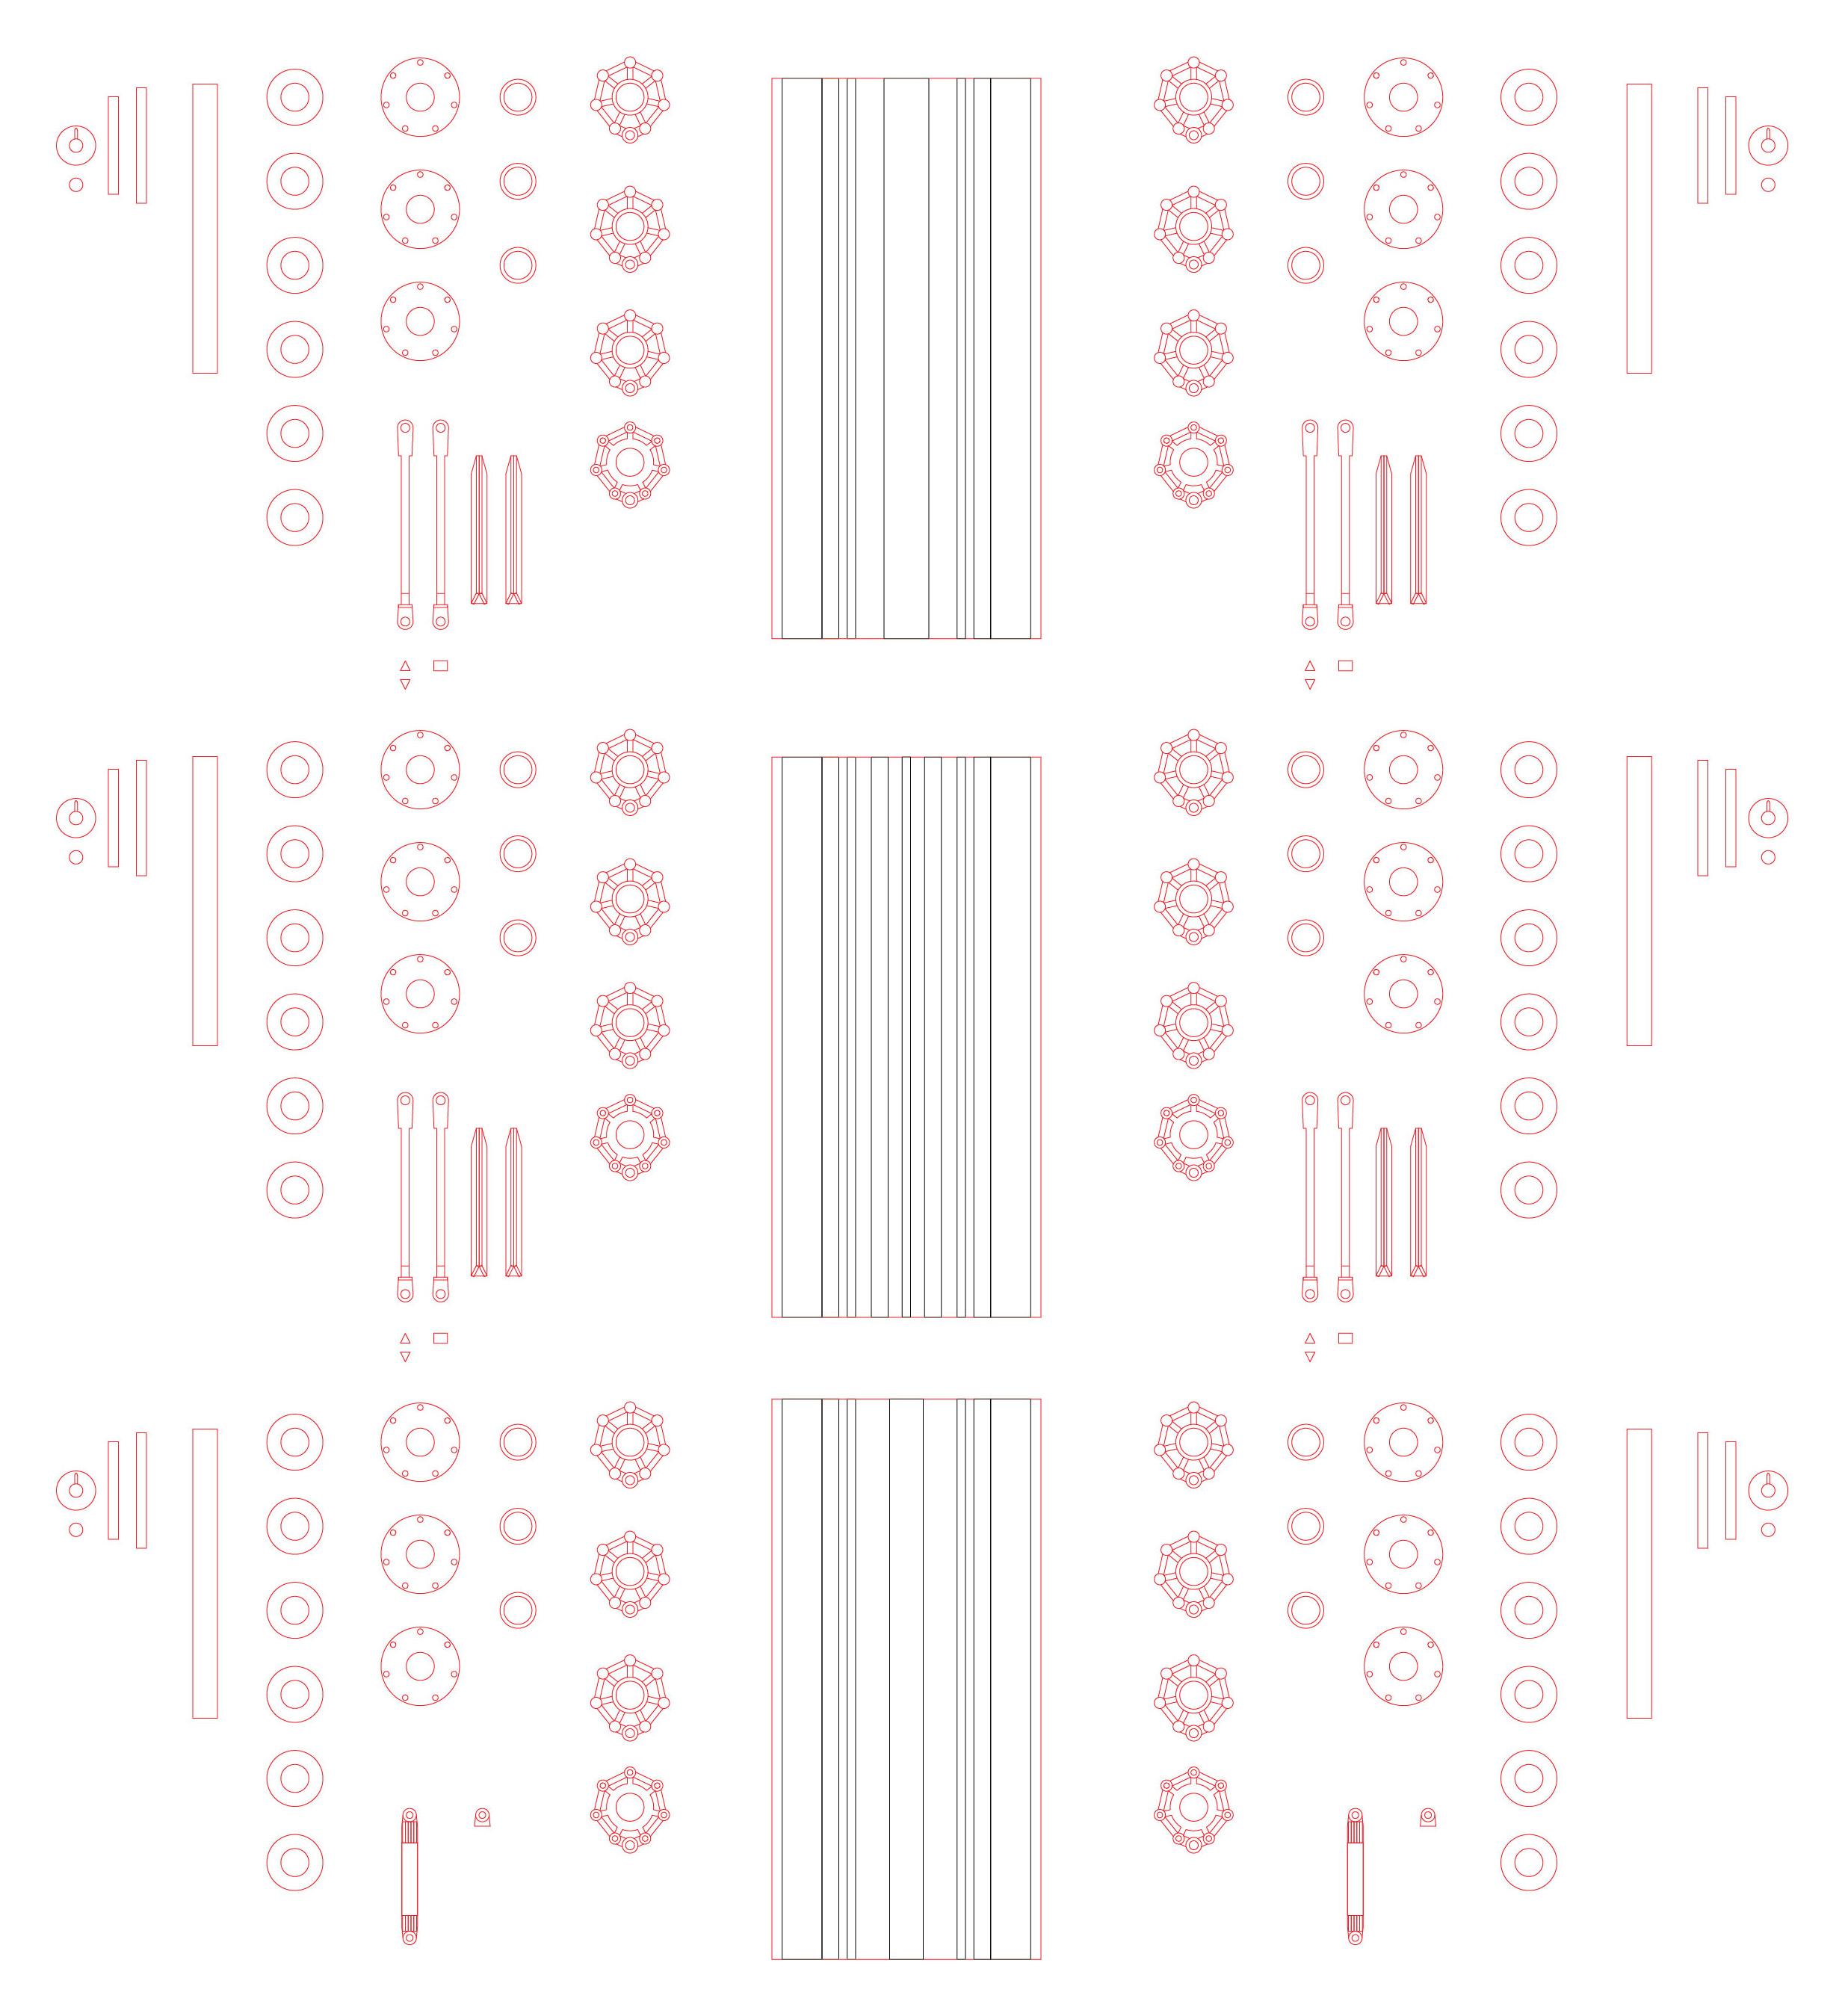 Landing gear - MLG - drawings 5.jpg